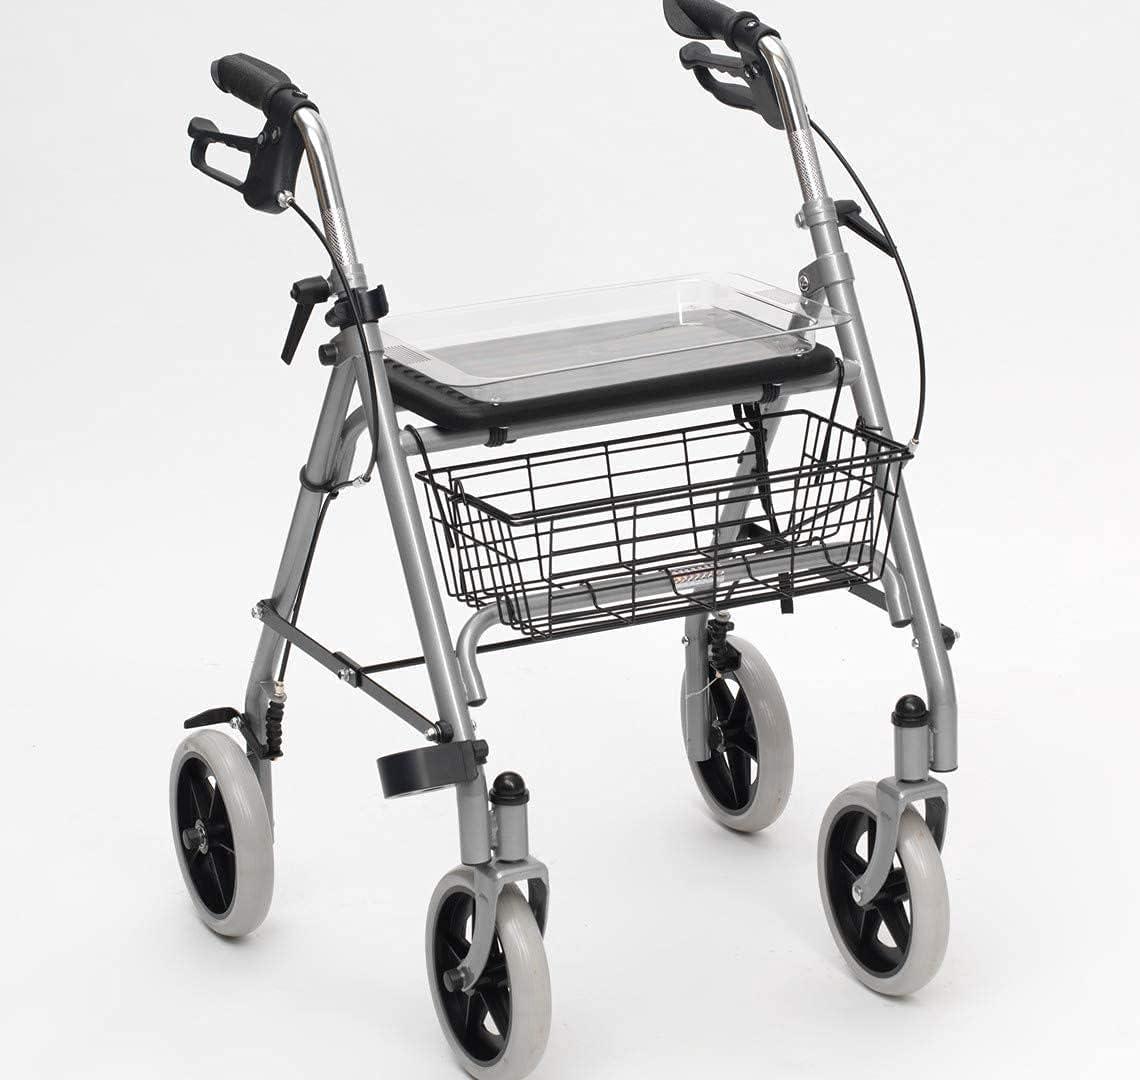 Rollator Walker - Andador médico para personas mayores y adultos, silla de ruedas, rehabilitación médica para personas mayores, ancianos, altura ajustable, asiento plegable para adultos (color plata)